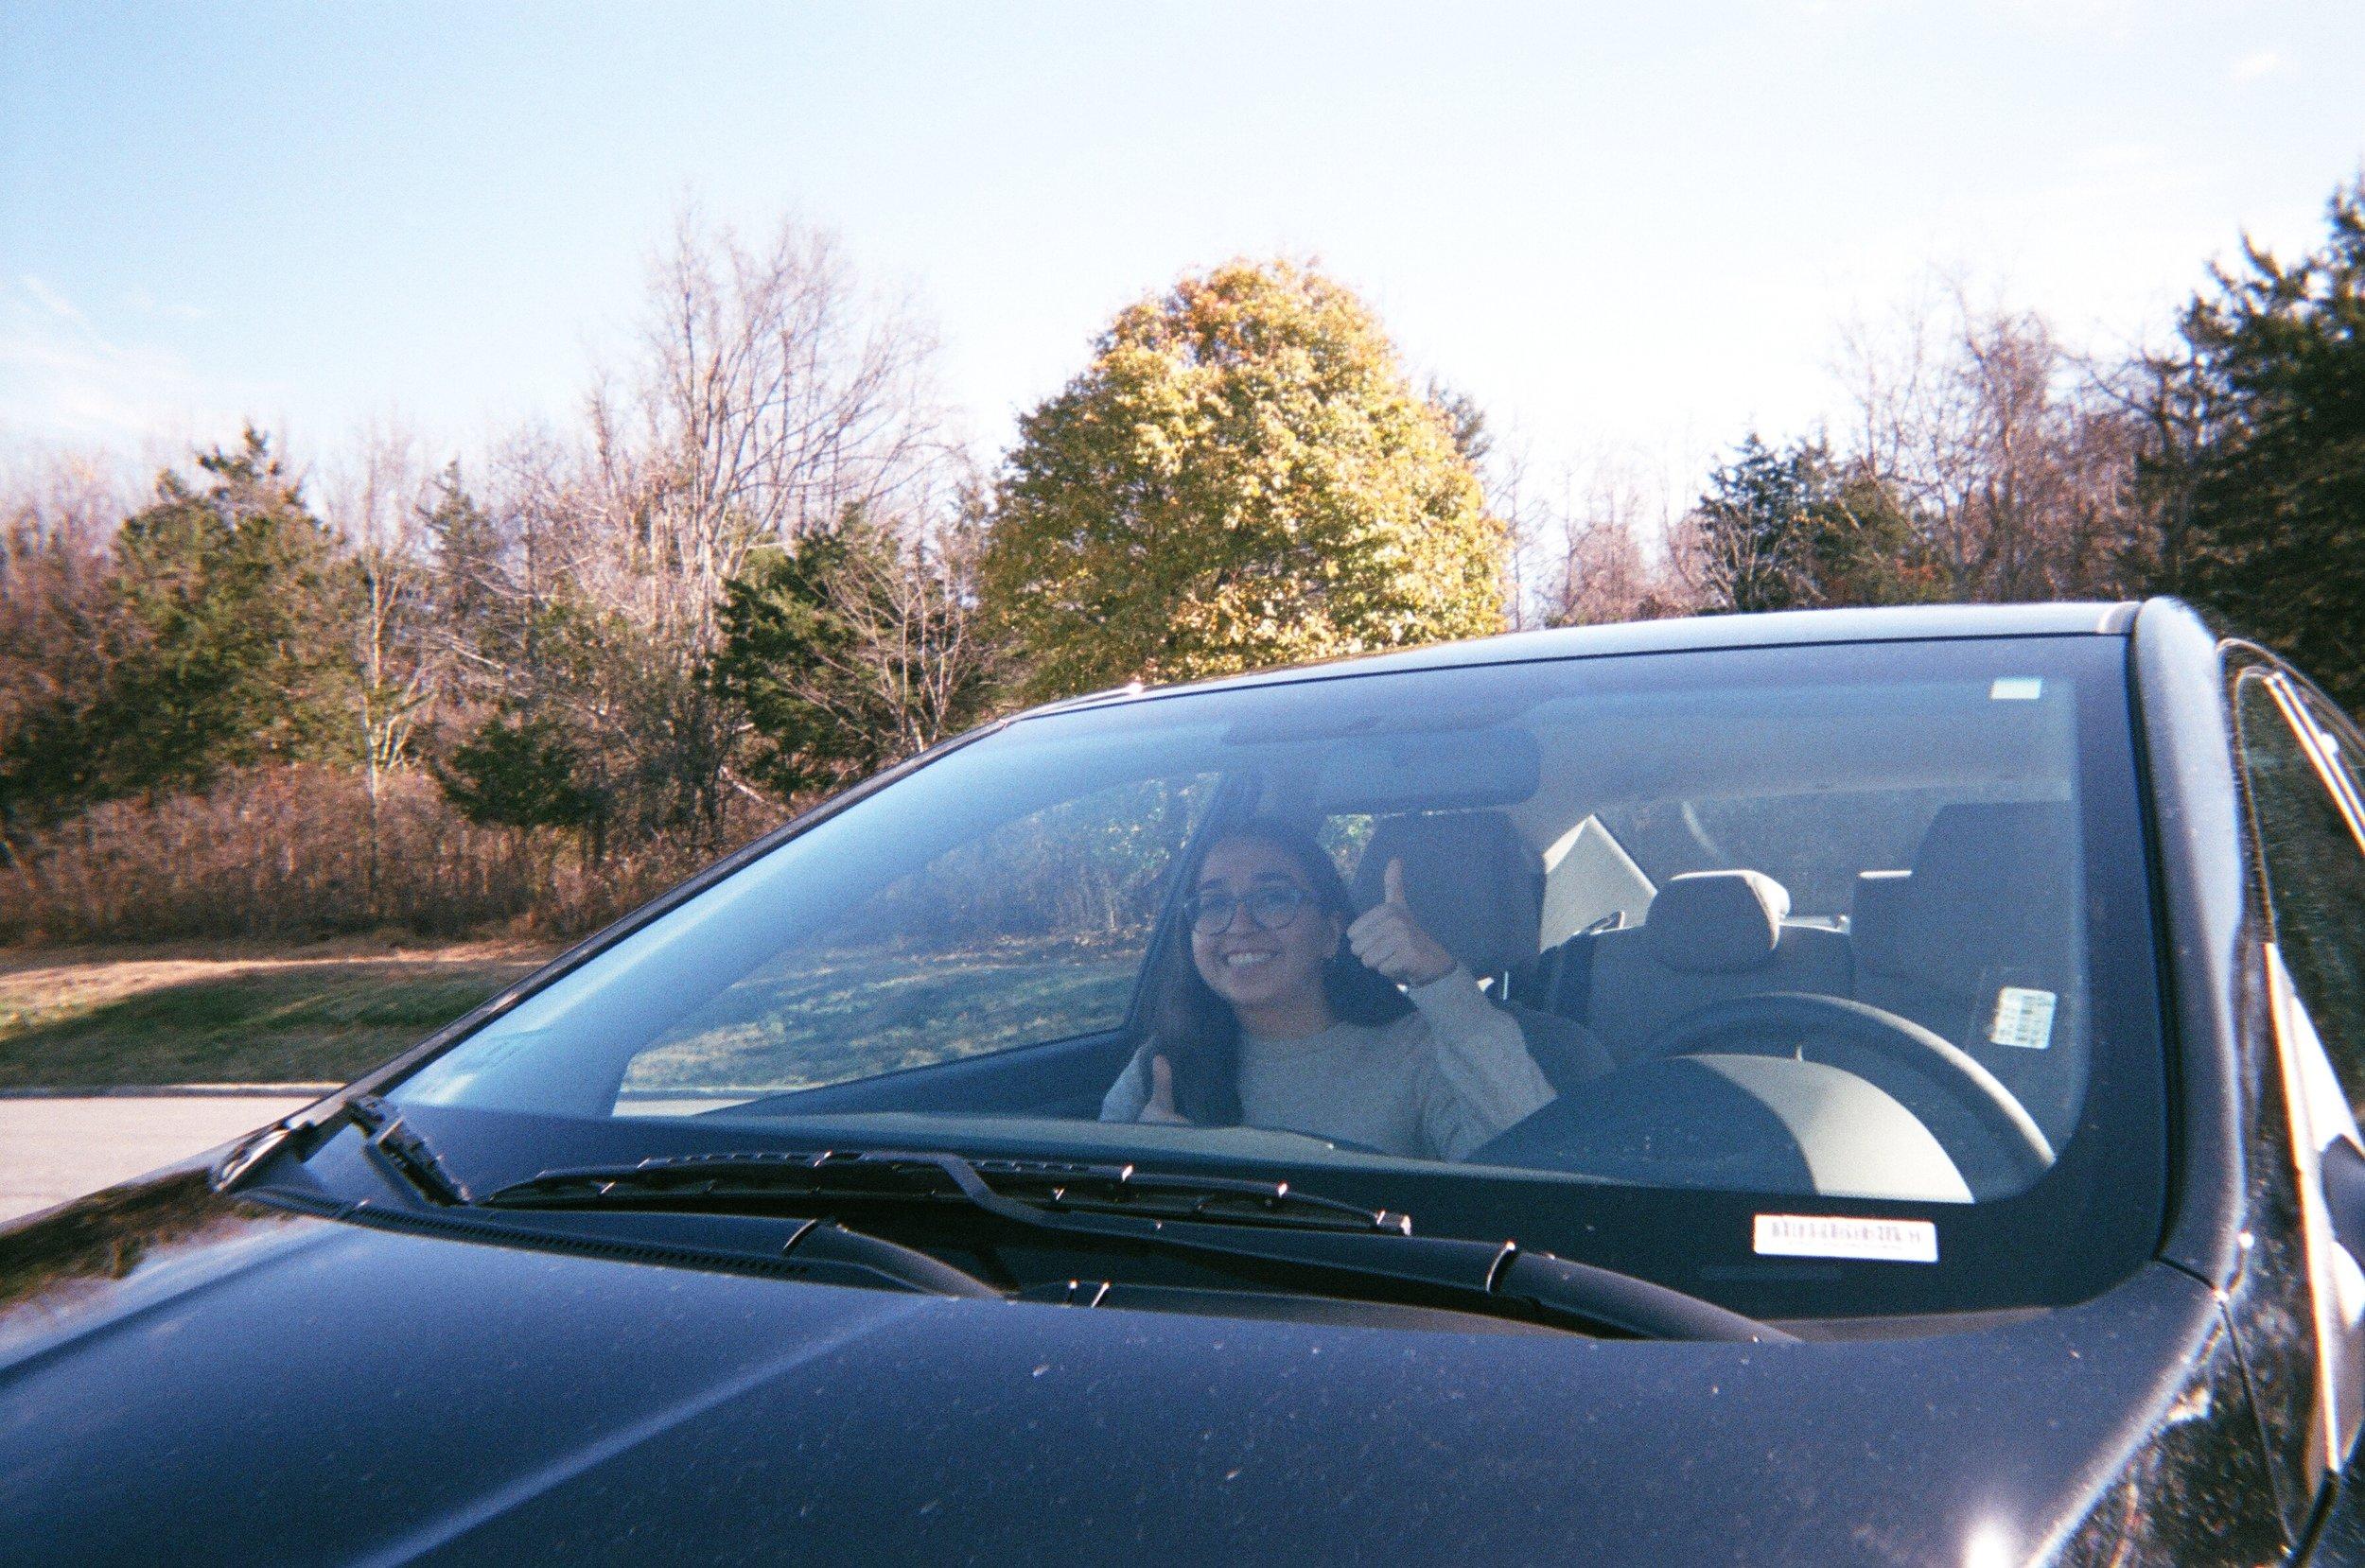 Kiana in our beloved rented Honda, Genoise.